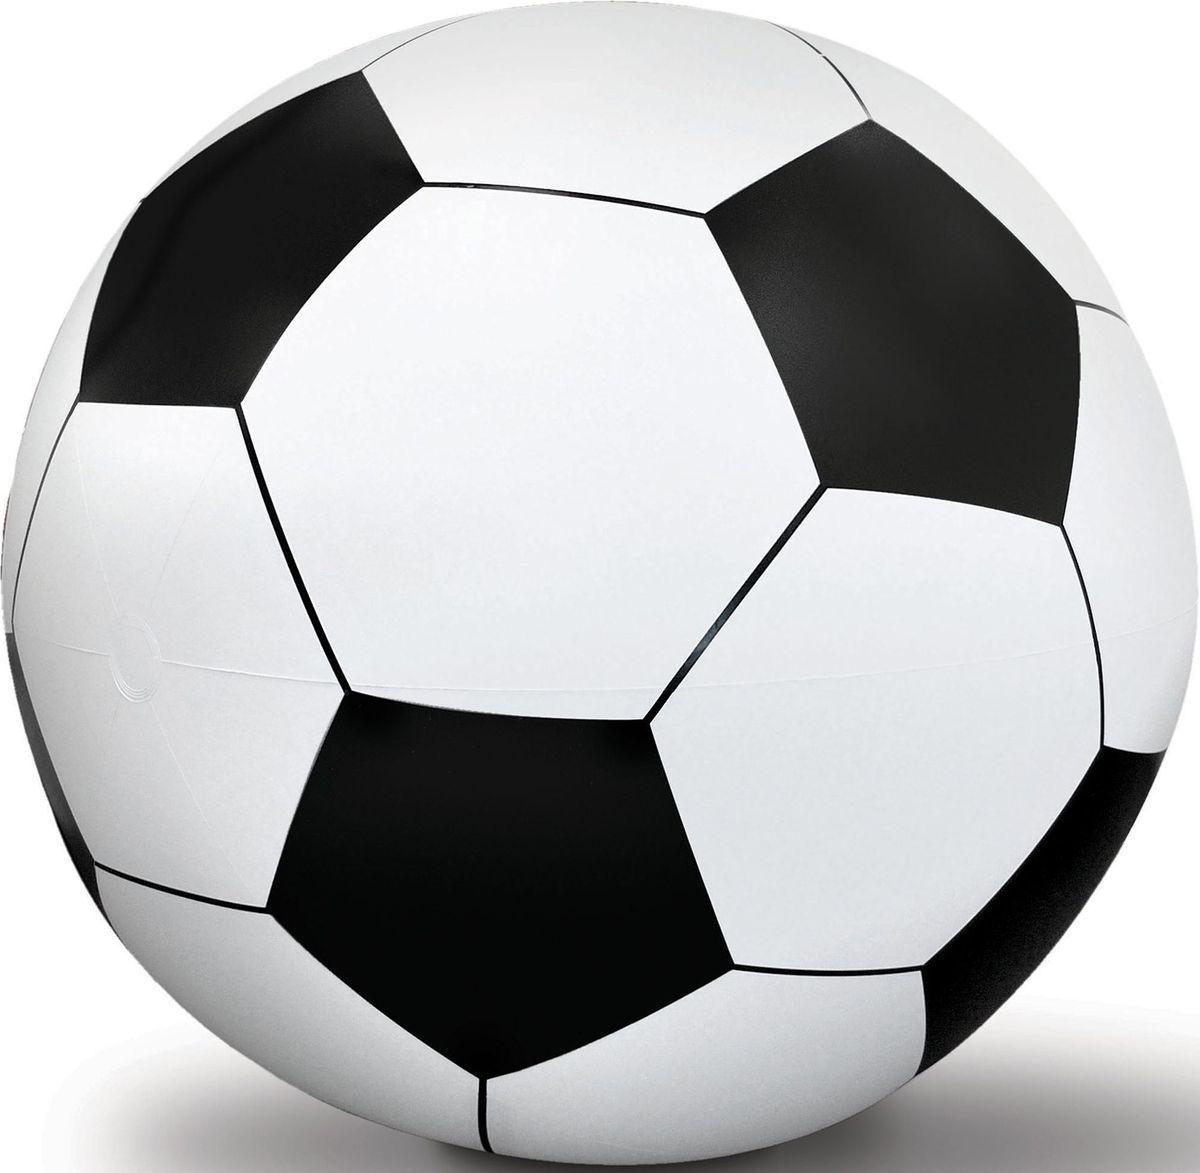 Мяч надувной BigMouth Gigantic Soccer BallBM1518С гигантским надувным мячом Soccer Ball вы сможете снова окунуться в атмосферу беззаботного детства. Это яркое и незаурядное изделие для детей и взрослых, которое станет достойным украшением любой пляжной вечеринки. Порадуйте себя, своих родных и друзей, устроив веселые игры на свежем воздухе: у бассейна, речки, на пруду или на берегу моря. Это прекрасная возможность разнообразить летний отдых, активно провести время и подарить своим близким незабываемые эмоции. Изделия компании выполнены из особо прочного винила, за счет чего обладают повышенной прочностью и износостойкостью. Благодаря улучшенной технике печати они отлично переносят длительное воздействие ультрафиолета, не теряя яркость цвета. При производстве разработчики уделяют пристальное внимание качеству и безопасности плавательных аксессуаров, поэтому каждый продукт проходит тщательные проверки и испытания на прочность.